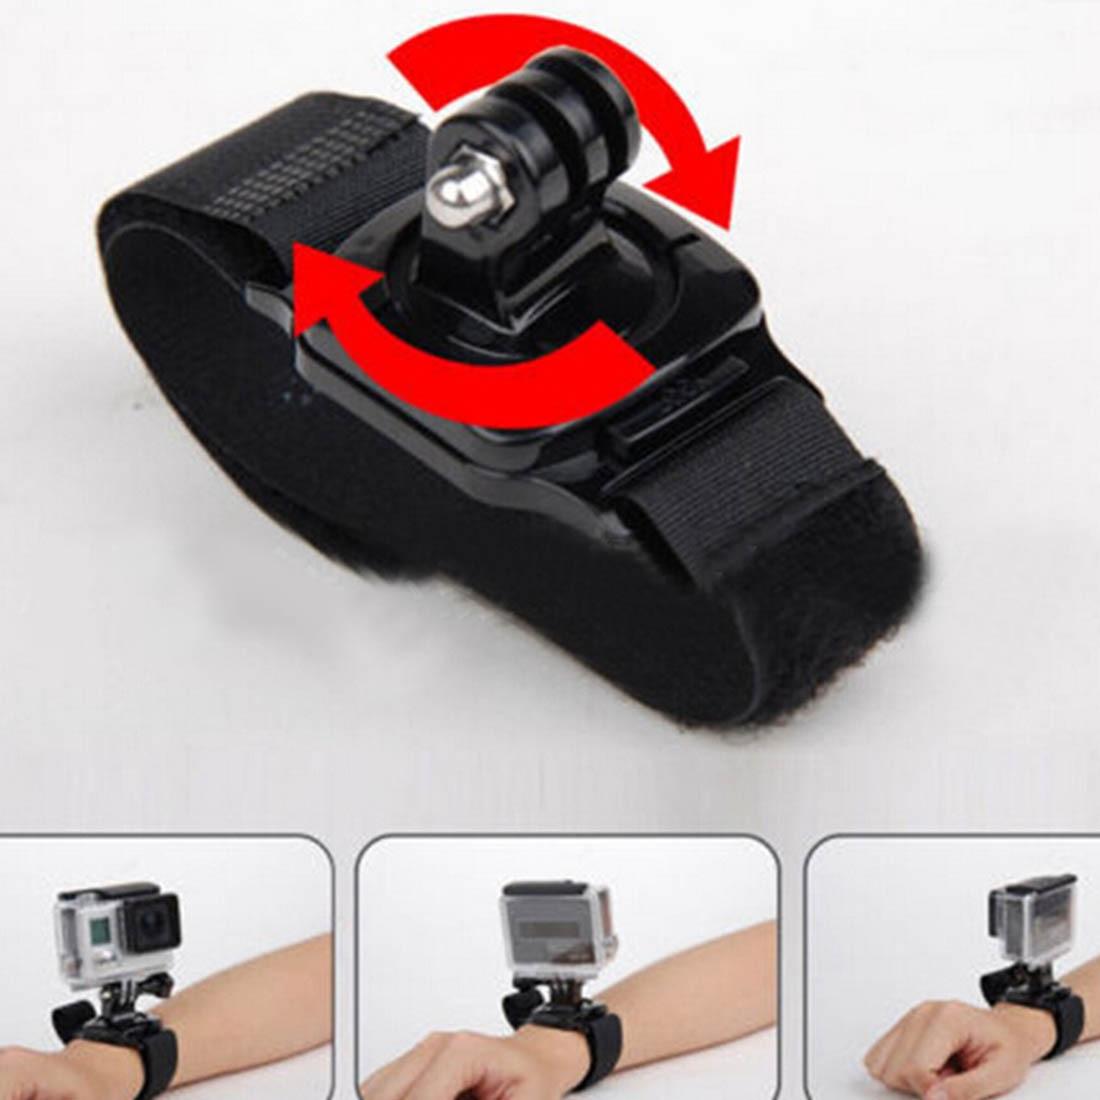 HONGDAK Hot Glove Wrist Band 360 Degree Swivel Rotation Hand Strap Belt Tripod Mount For GoPro Hero 4/3+ For Go Pro SJCAM SJ4000 fat cat m hr 360 rotation helmet mount w 3m sticker for gopro hero 4 3 3 2 1 sj4000